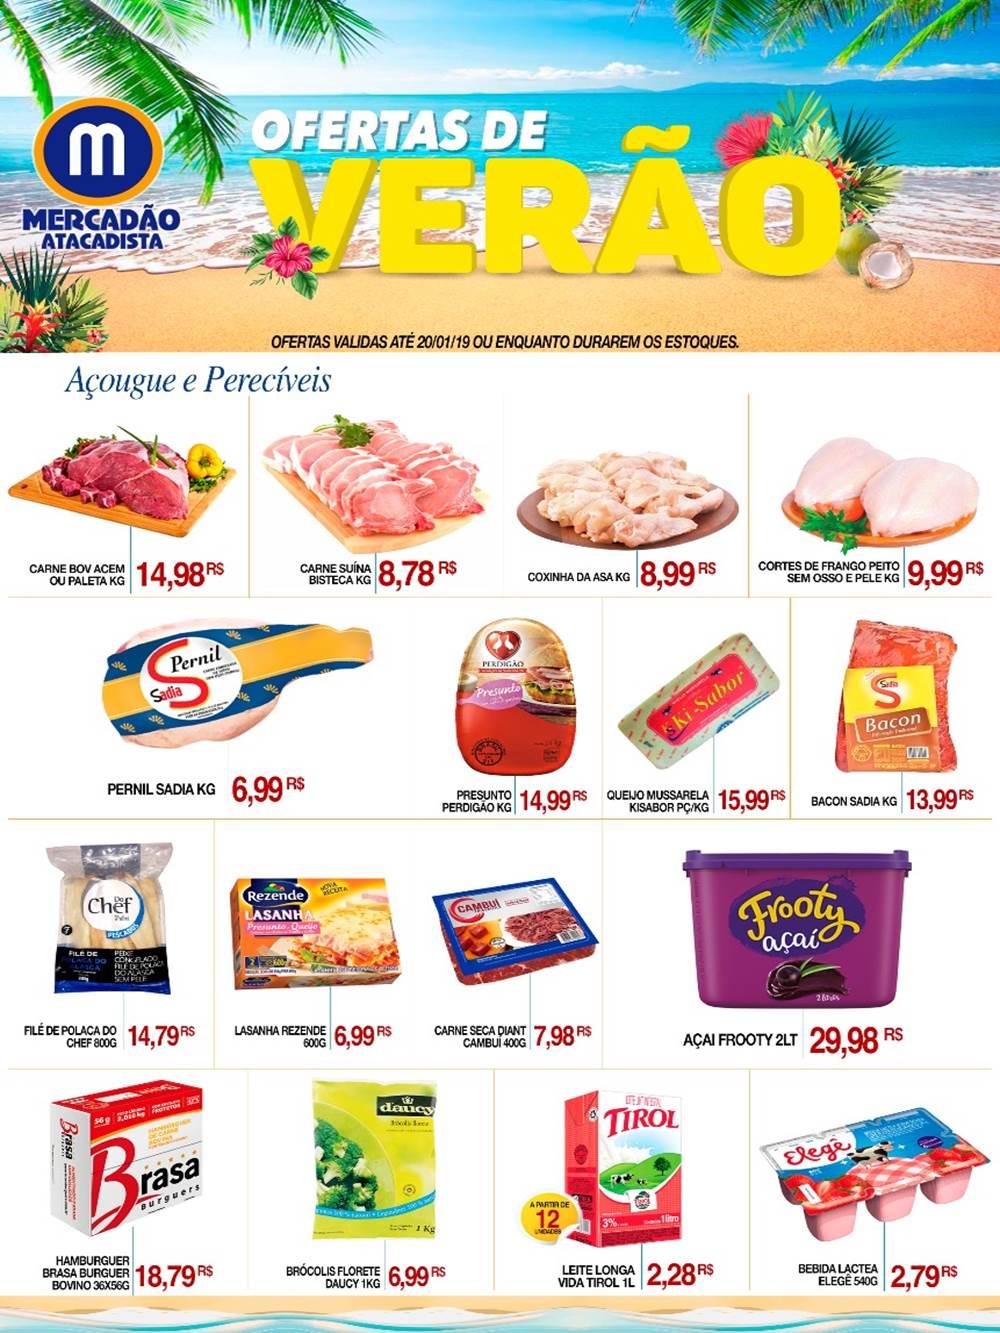 Ofertas-mercadao1-2 Folhetos- Saldão